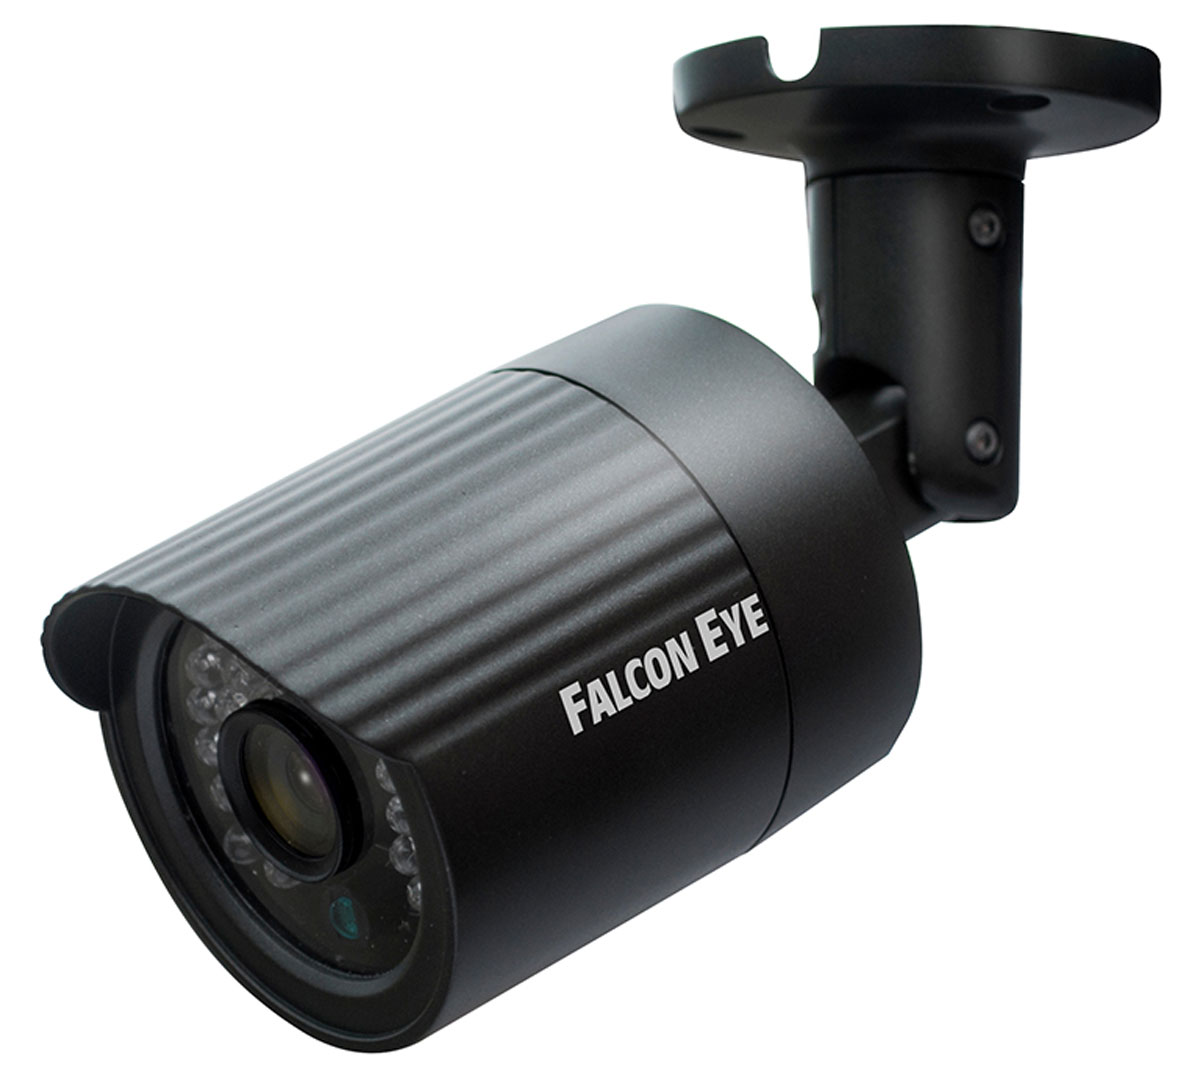 Falcon Eye FE-IPC-BL200P уличная IP-камераFE-IPC-BL200PУличная двухмегапиксельная сетевая видеокамера Falcon Eye FE-IPC-BL200P выполнена на CMOS матрице 1/2.8 Sony CMOS с разрешением 2,43 мегапикселя. На камере установлен пятимегапиксельный объектив с фиксированным фокусным расстоянием 3,6 мм. Камера выполнена в миниатюрном металлическом корпусе и способна выдавать в сеть видео поток с разрешением 1920х1080Р. Возможность работать по Poe и аналоговый видеовыход являются дополнительным бонусом в этой модели.Скорость затвора: 1/25 - 1/10000День/Ночь: Авто/Ч/Б/Цвет/Внешняя подсветкаФункции: DWDR, Mirror, 3D NR, настройки изображенияРазрешение: 1920 х 1080 пиксВидео битрейт: 16Kbps-8000KbpsПоддержкаплатформ IOS, AndroidПотребляемая мощность: менее 6 Вт